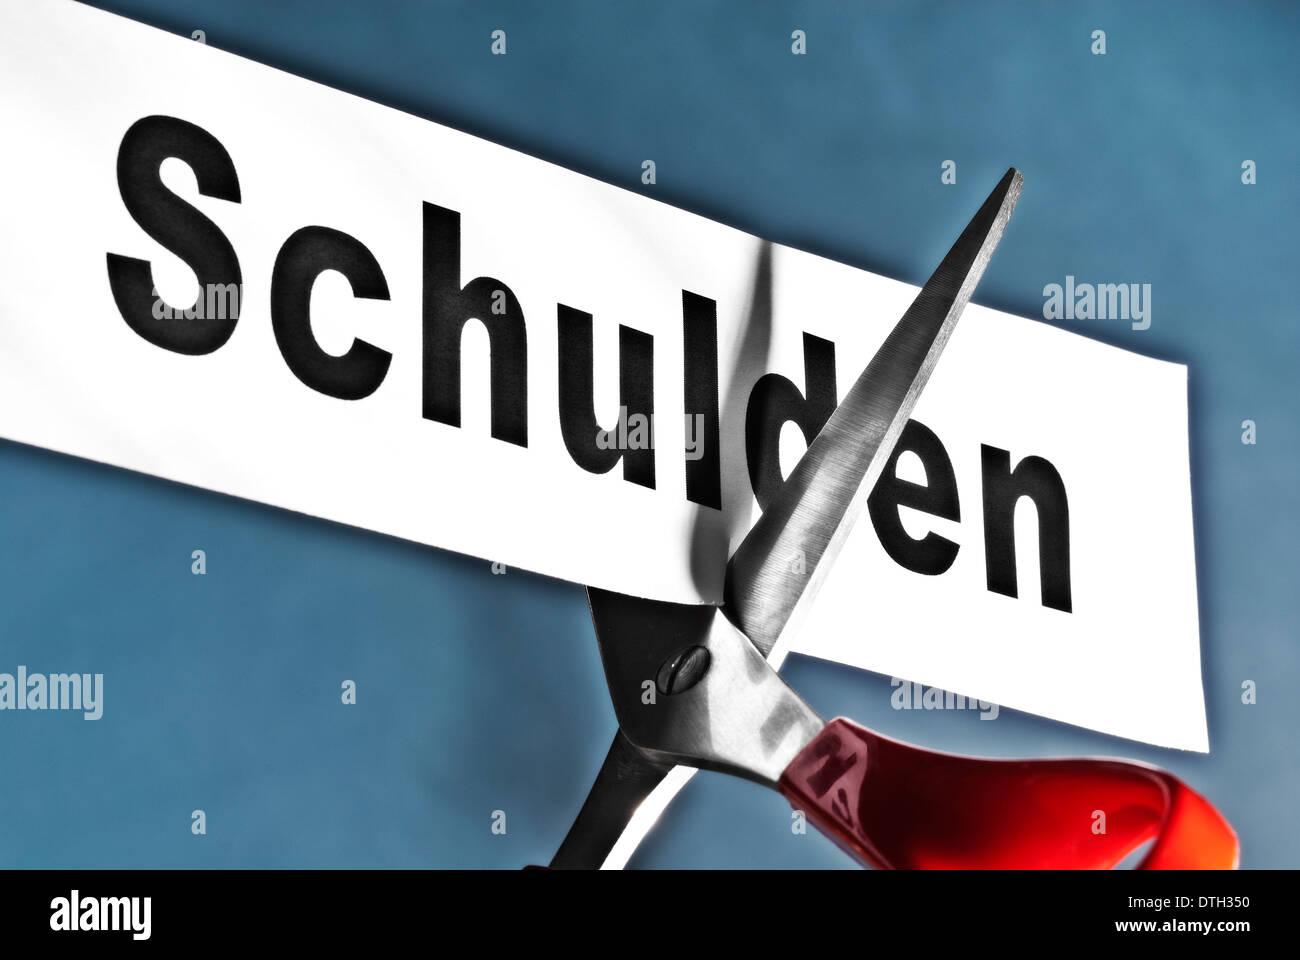 """Forbici battono Carta con la parola """"chulden' che simboleggia un taglio di capelli. Immagini Stock"""